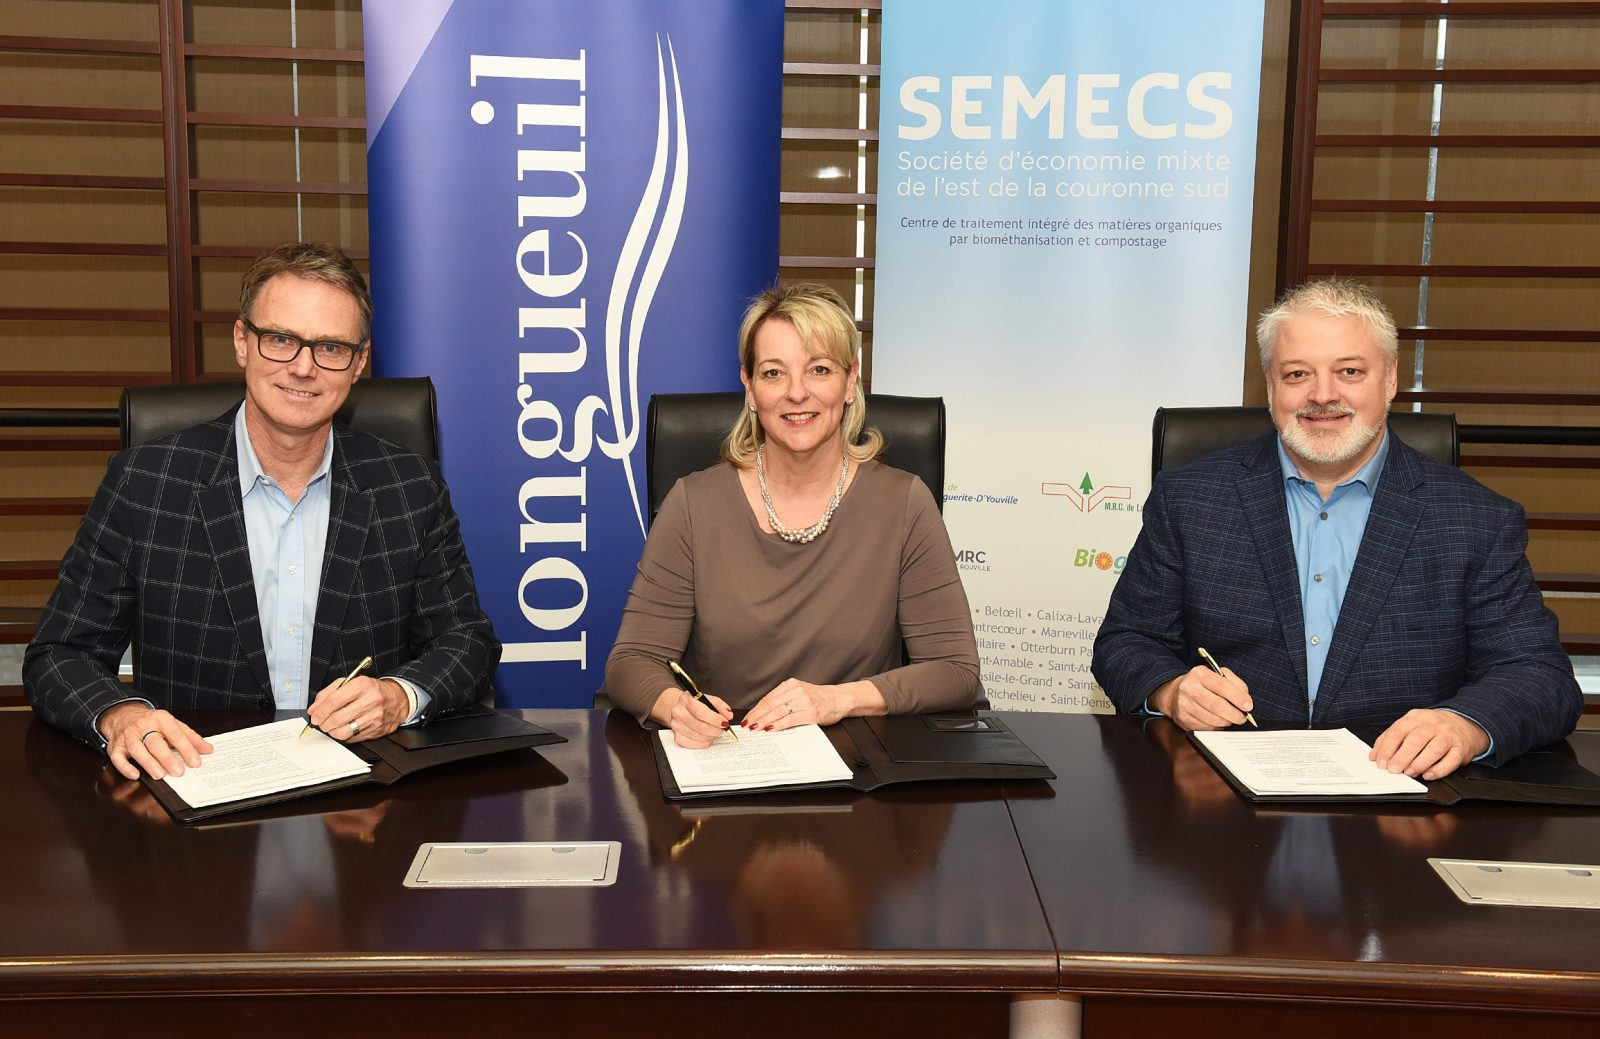 Traitement des matières organiques : l'entente entre Longueuil et la SÉMECS est signée!